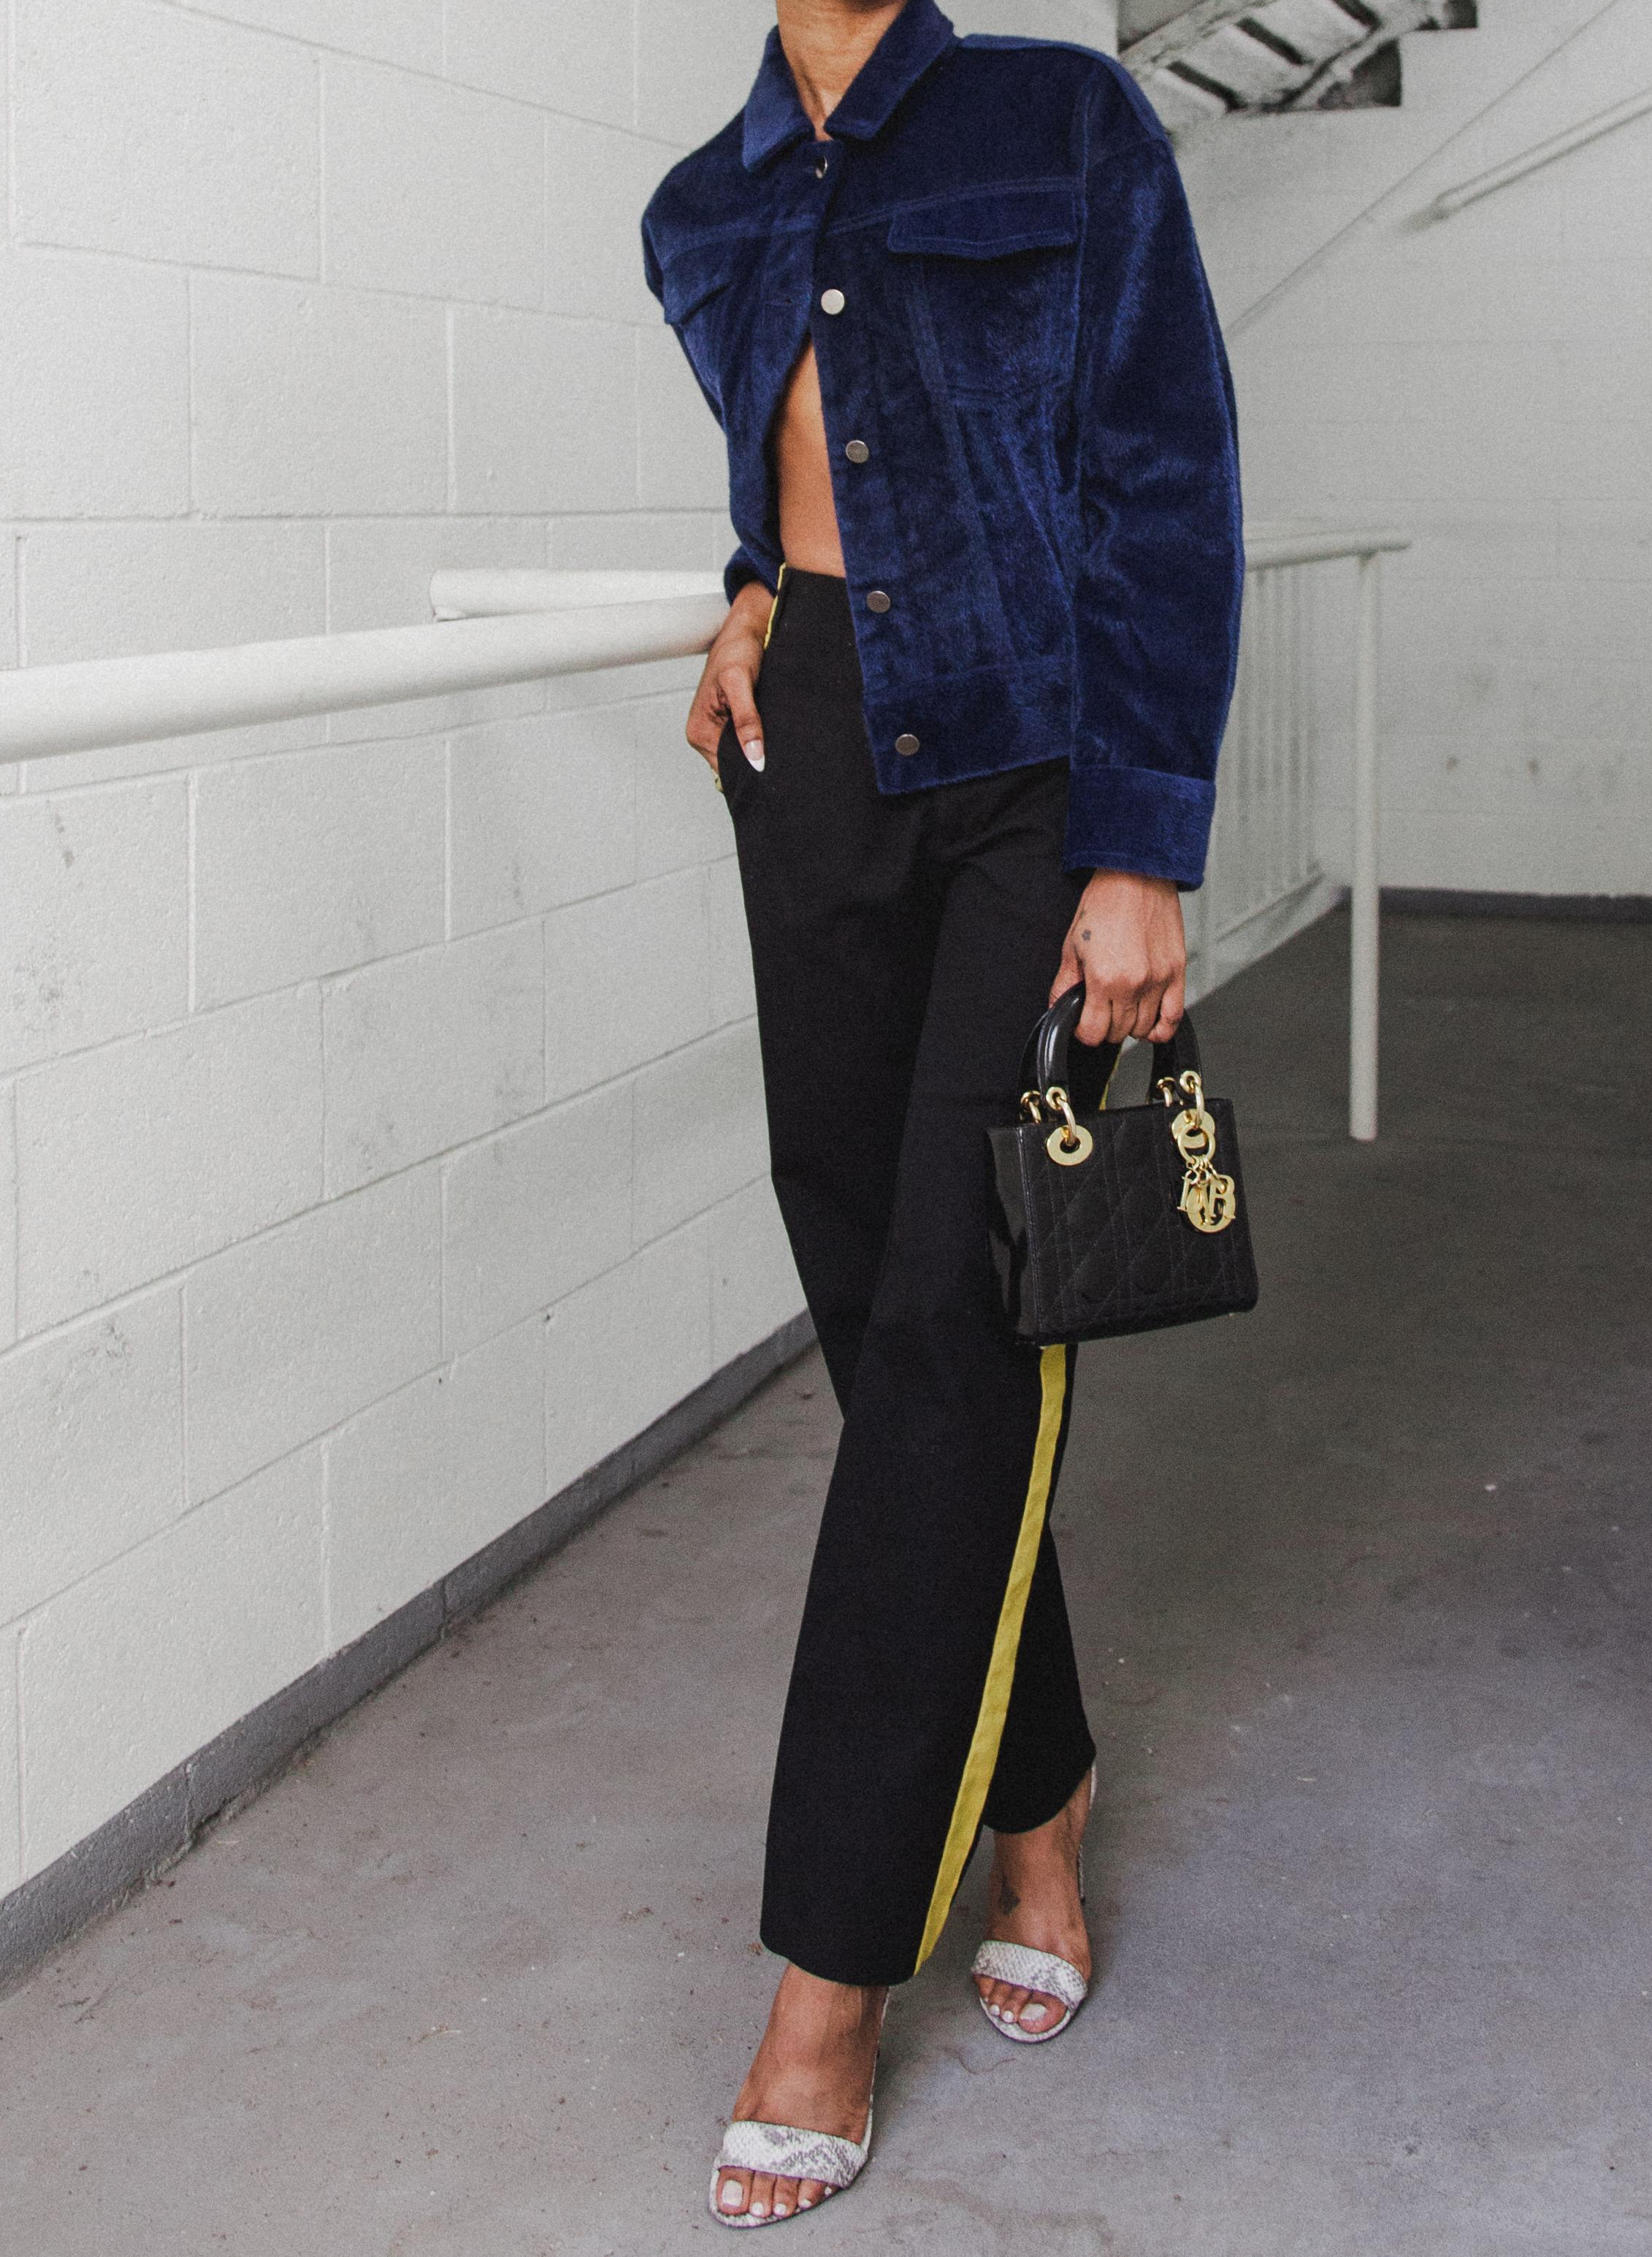 Dennaya-Famous-Dior-Lady-Bag-3.jpg